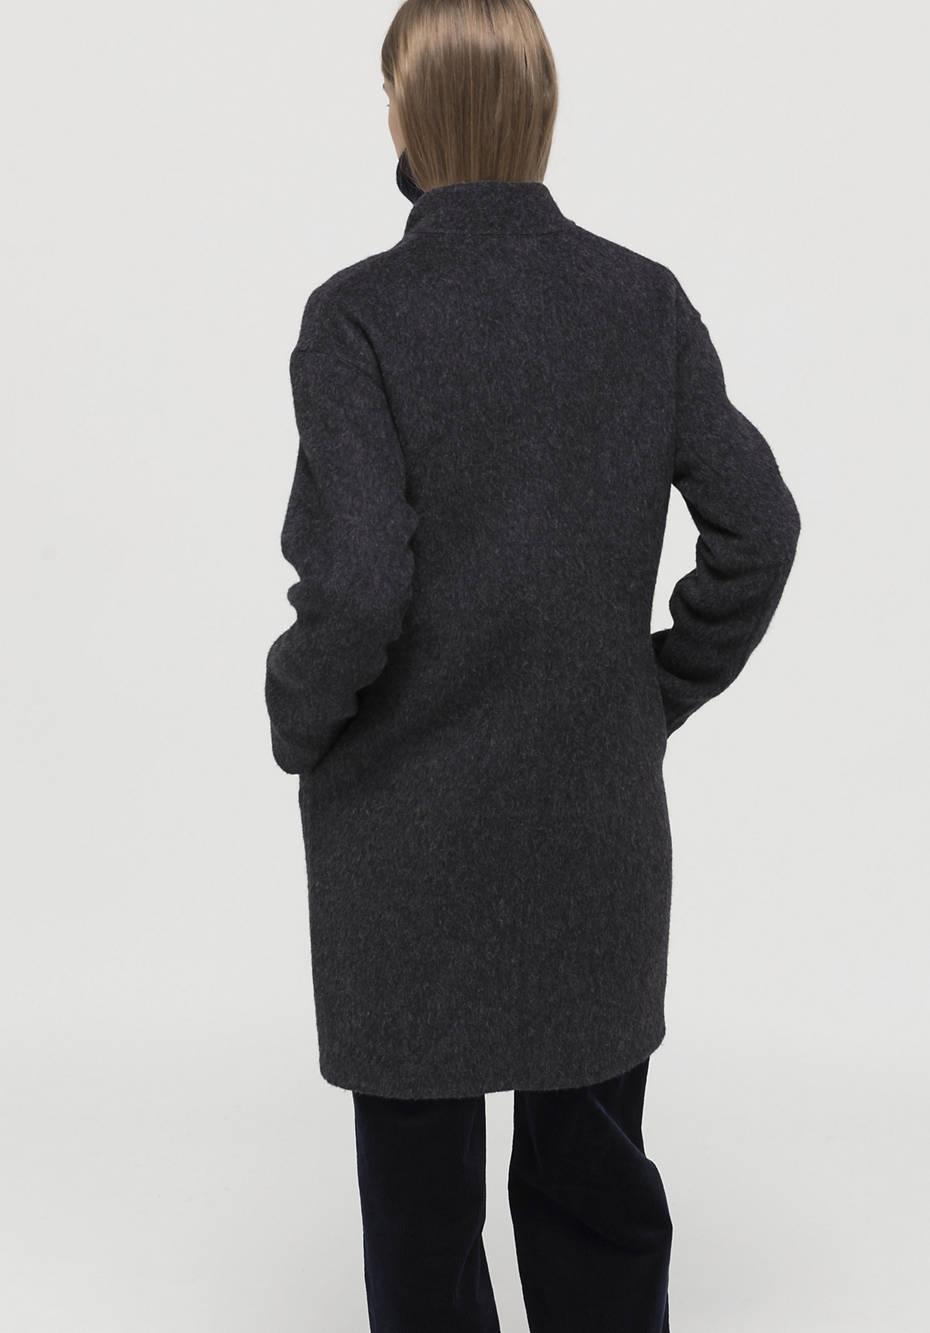 Mantel aus Alpaka mit Schurwolle